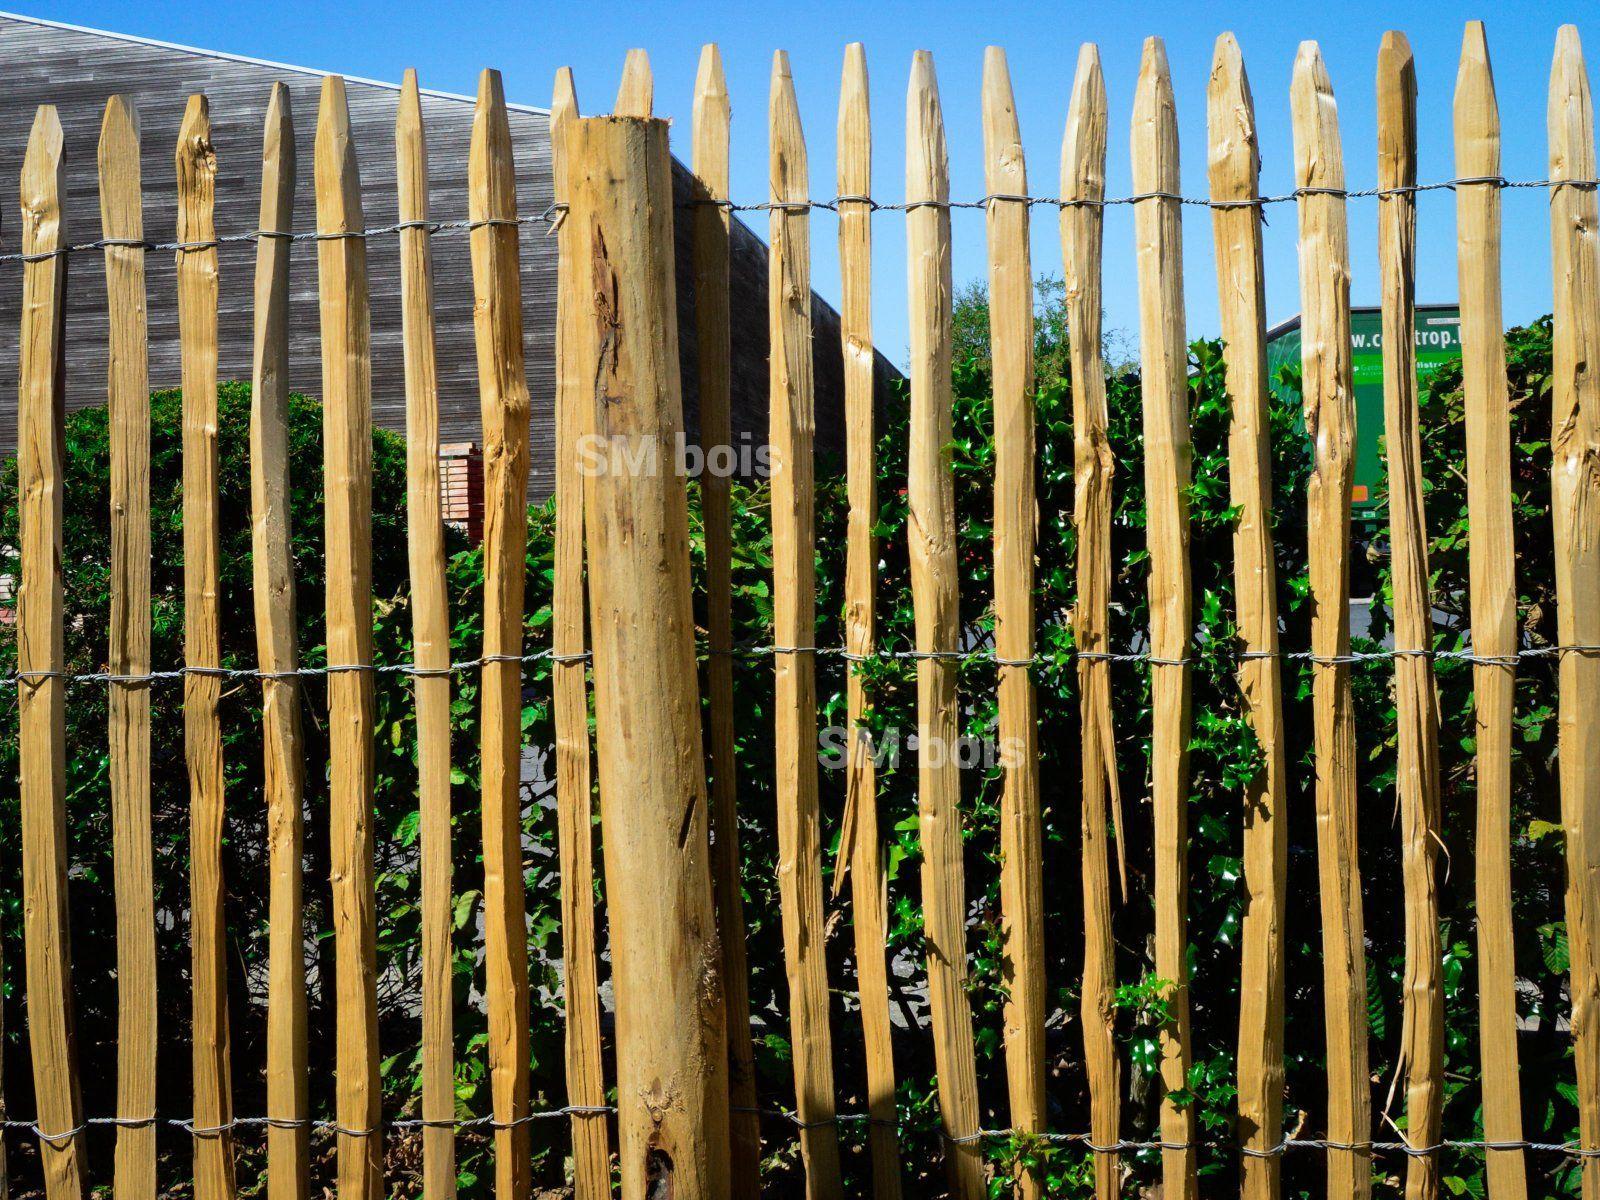 Poteau Bois Carre Luna Naturel L 9 X P 9 X H 240 Cm Leroy Merlin Poteau Bois Poteau Panneau Occultant Bois